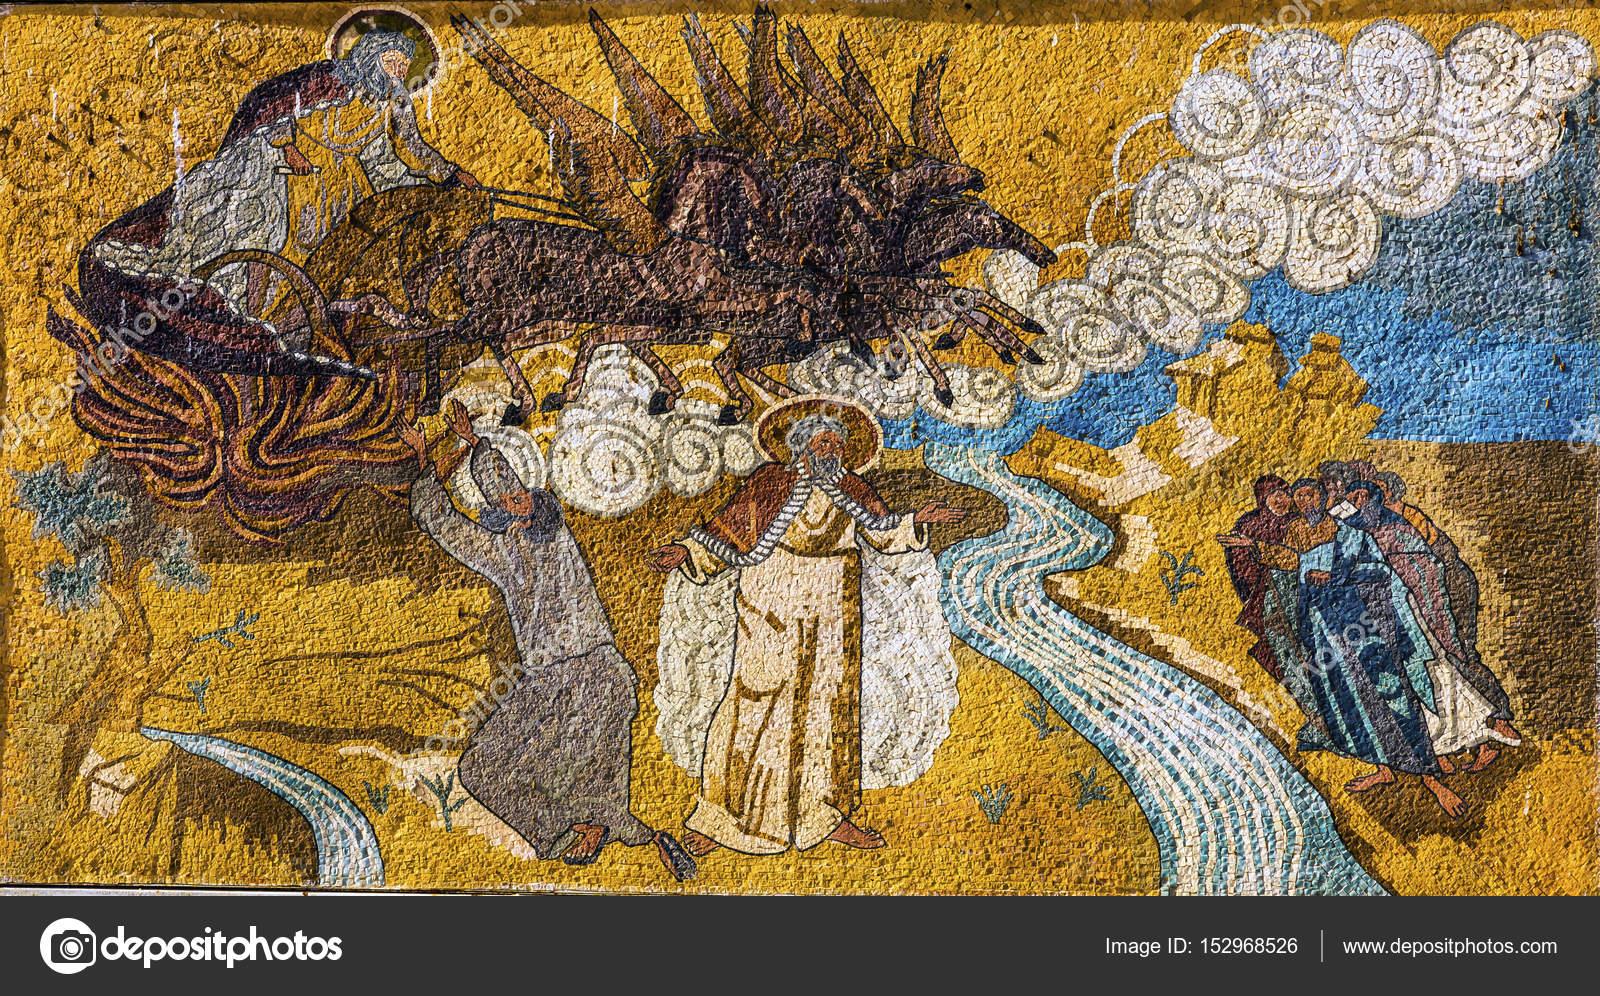 Elijahs Hügel Mosaik In Der Nähe Von Jesus Taufe Website